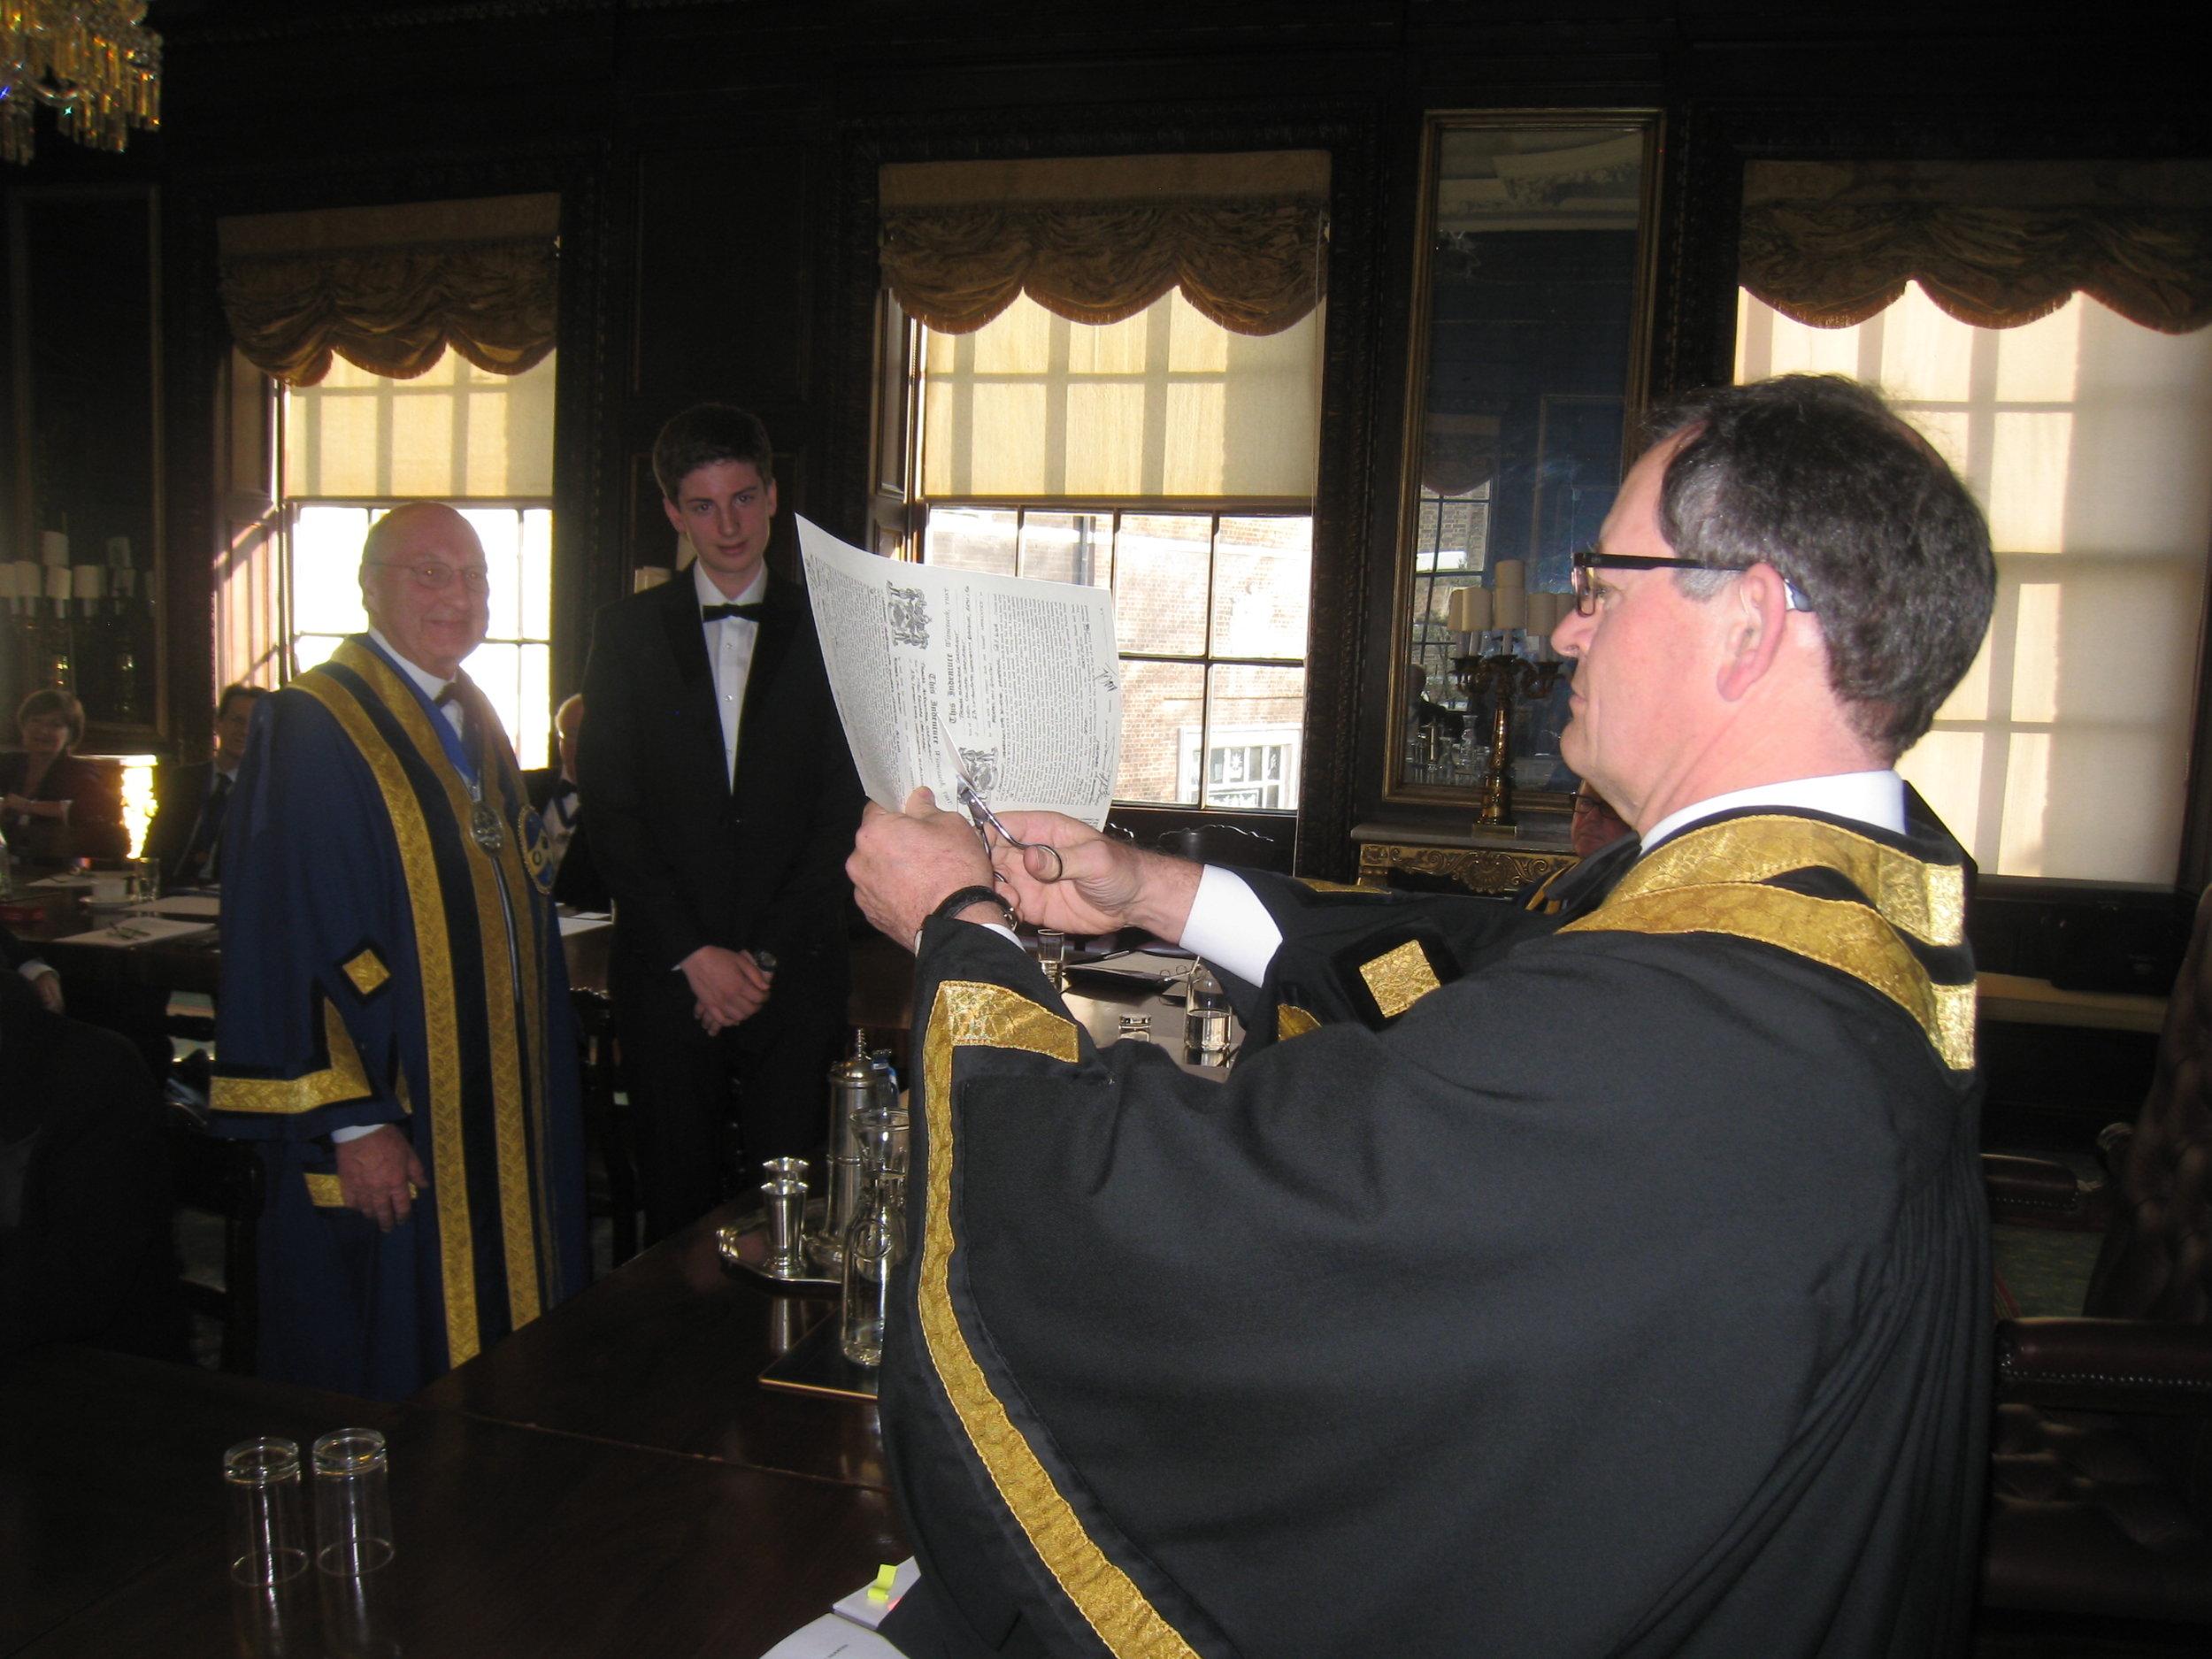 The Clerk executing Indentures to bind Thomas Cartwright to his Master M I Gunston